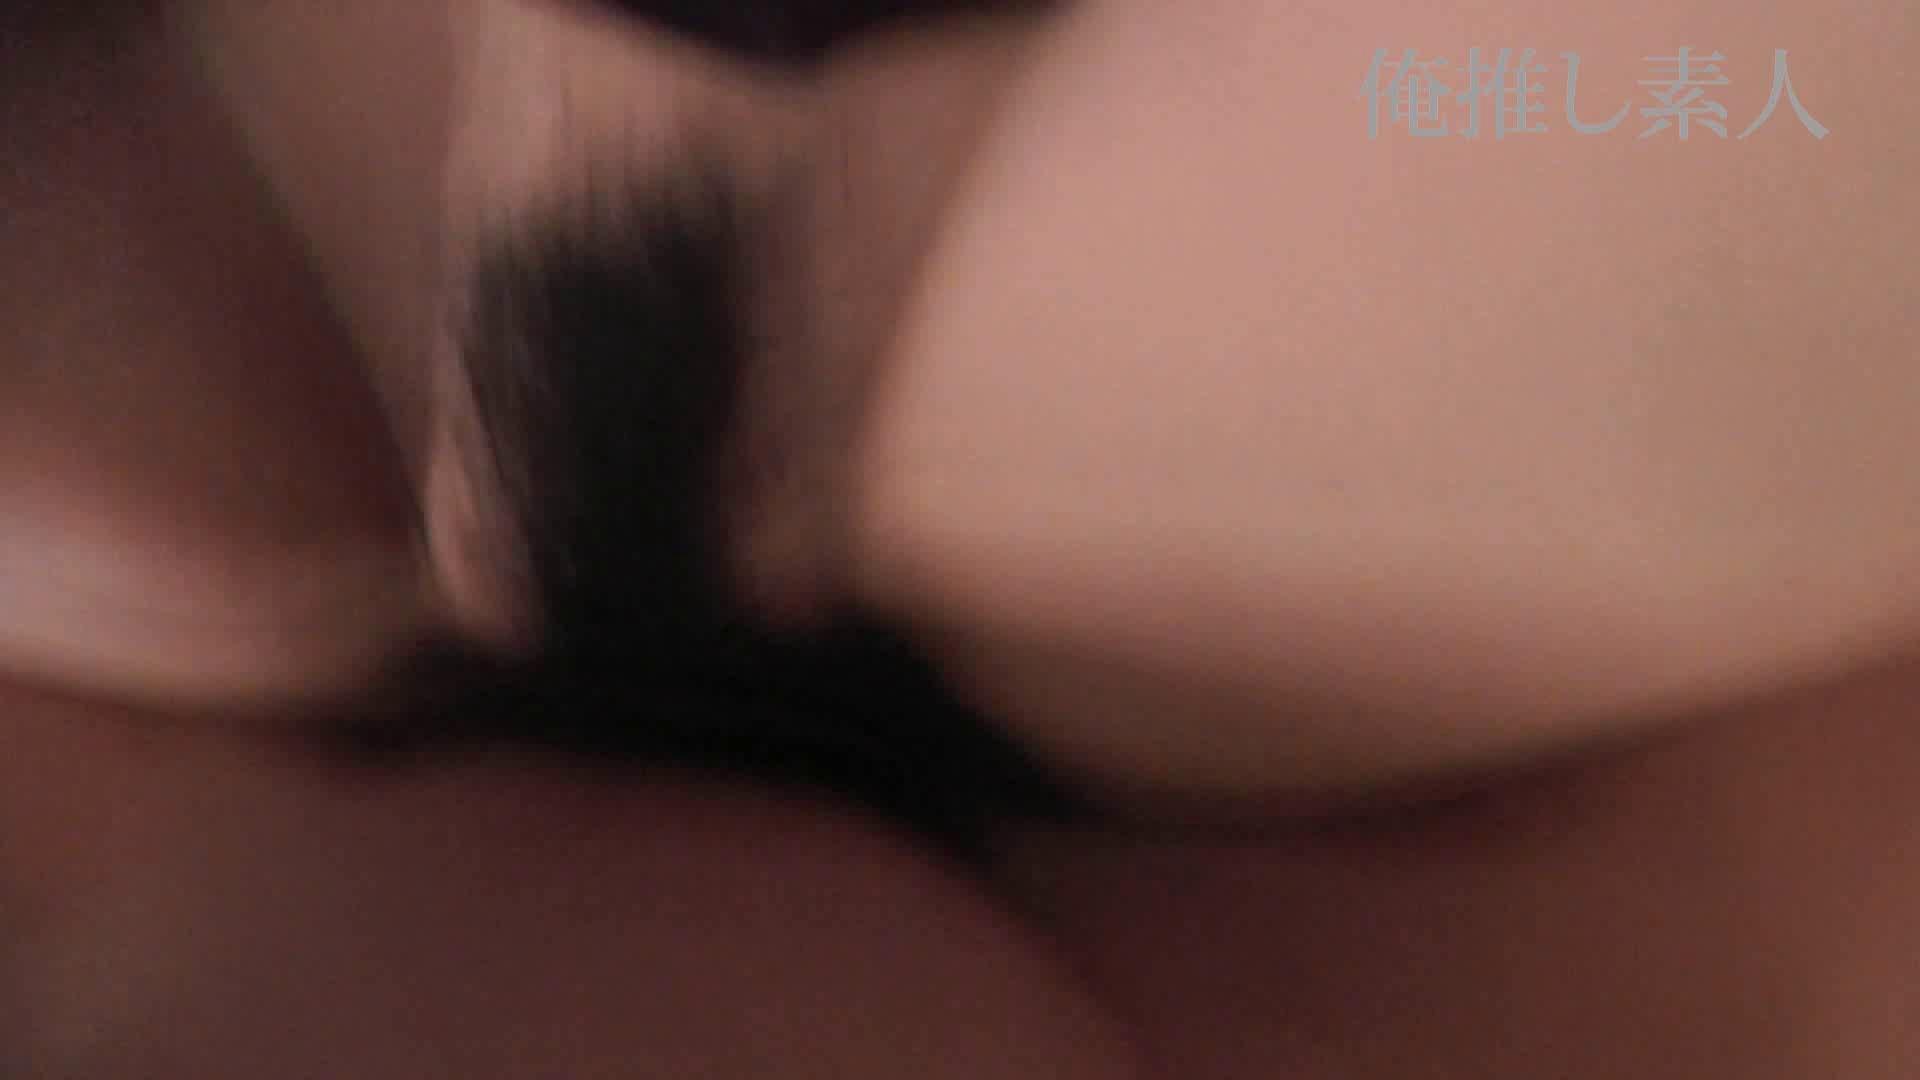 俺推し素人 キャバクラ嬢26歳久美vol3 投稿  108pic 102